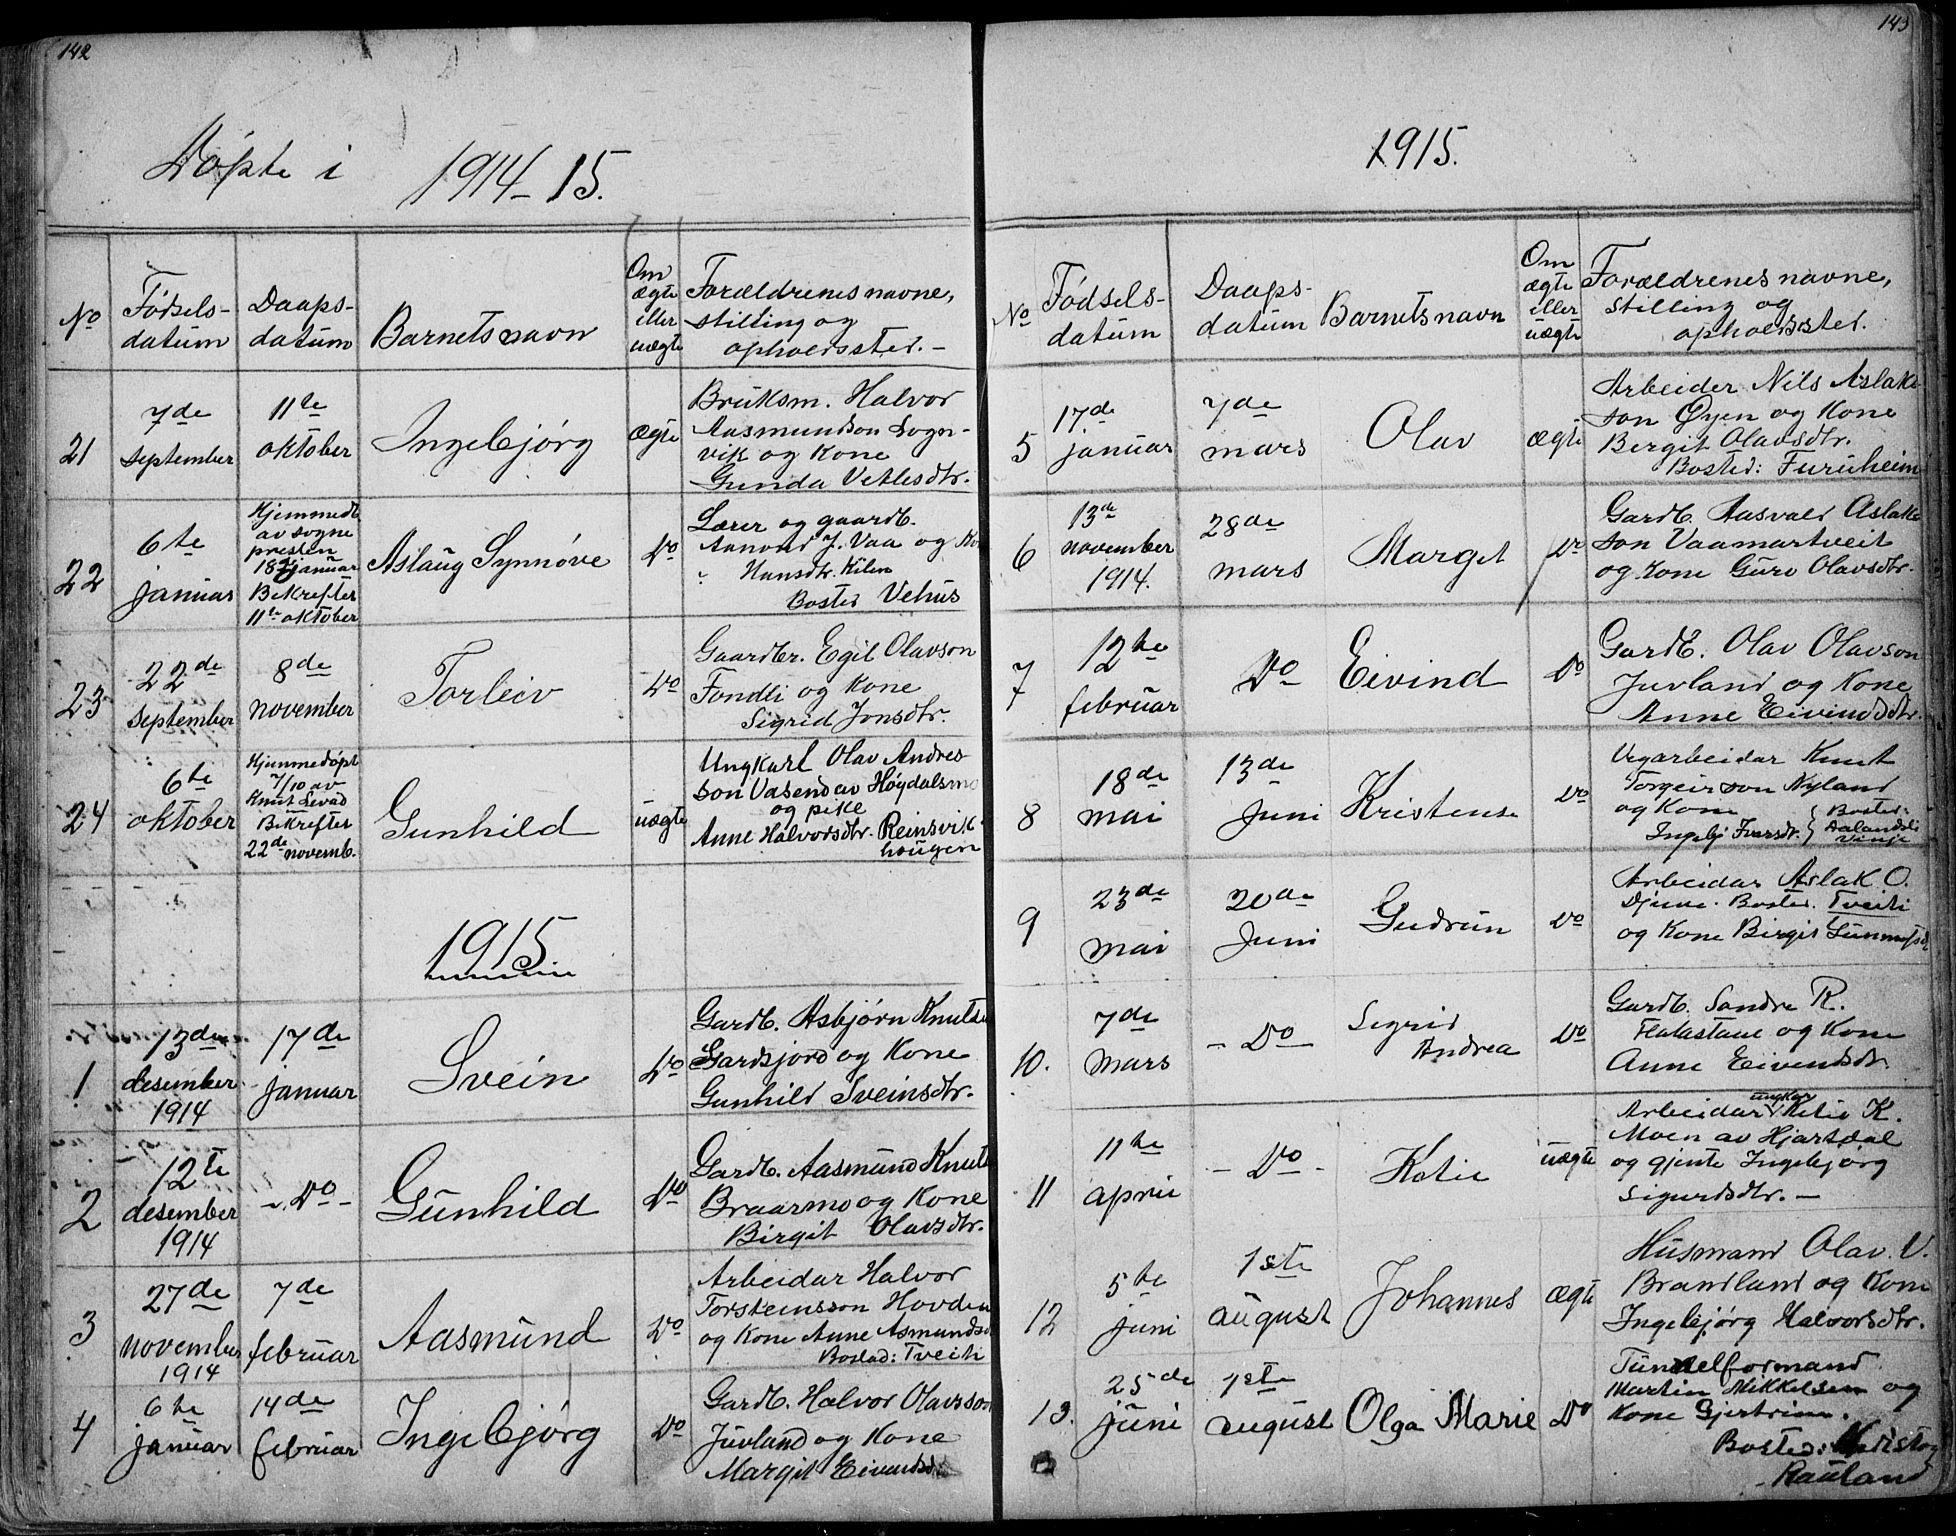 SAKO, Rauland kirkebøker, G/Ga/L0002: Klokkerbok nr. I 2, 1849-1935, s. 142-143